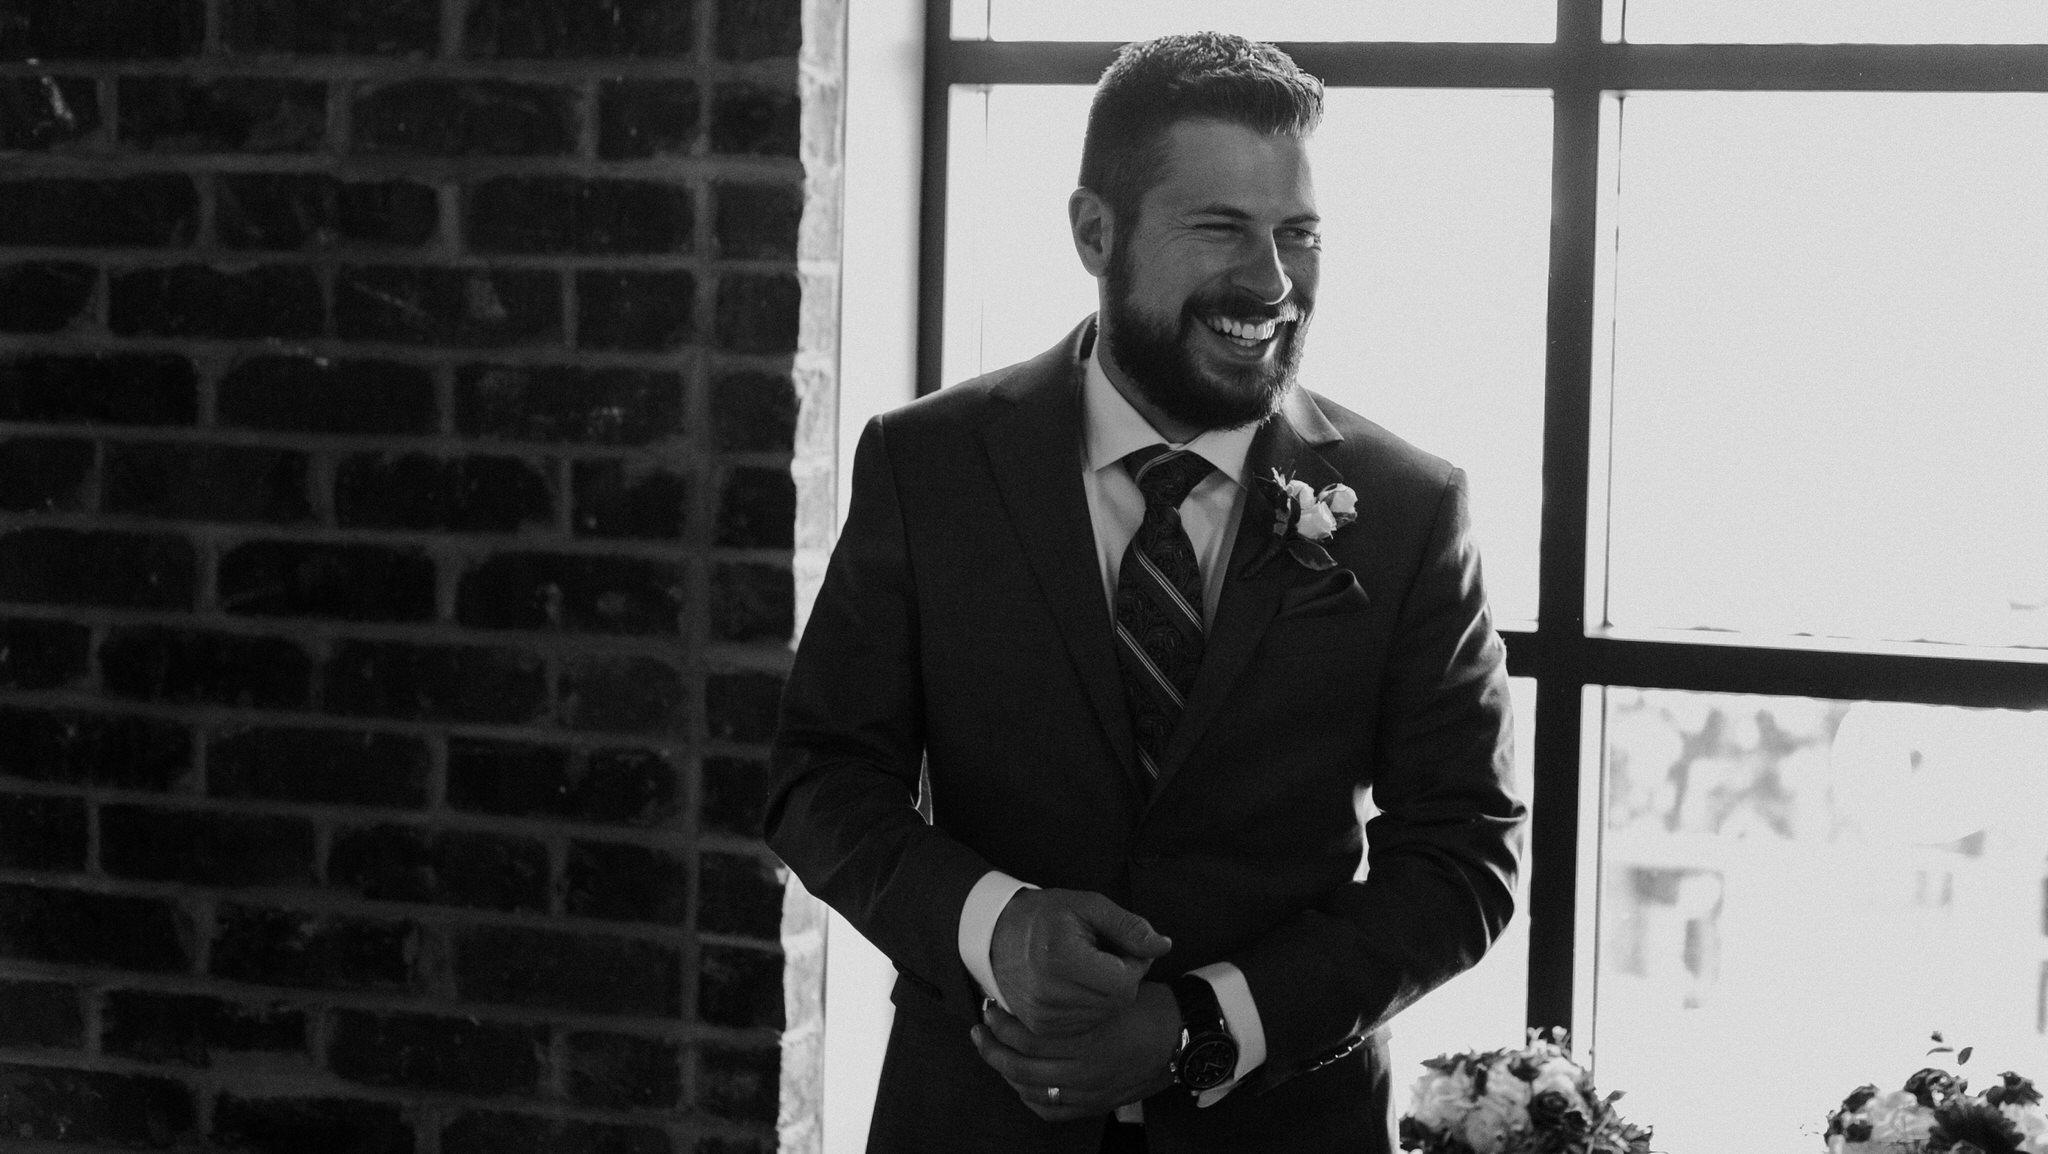 Brock Street Brewery Wedding - Groomsman laughing